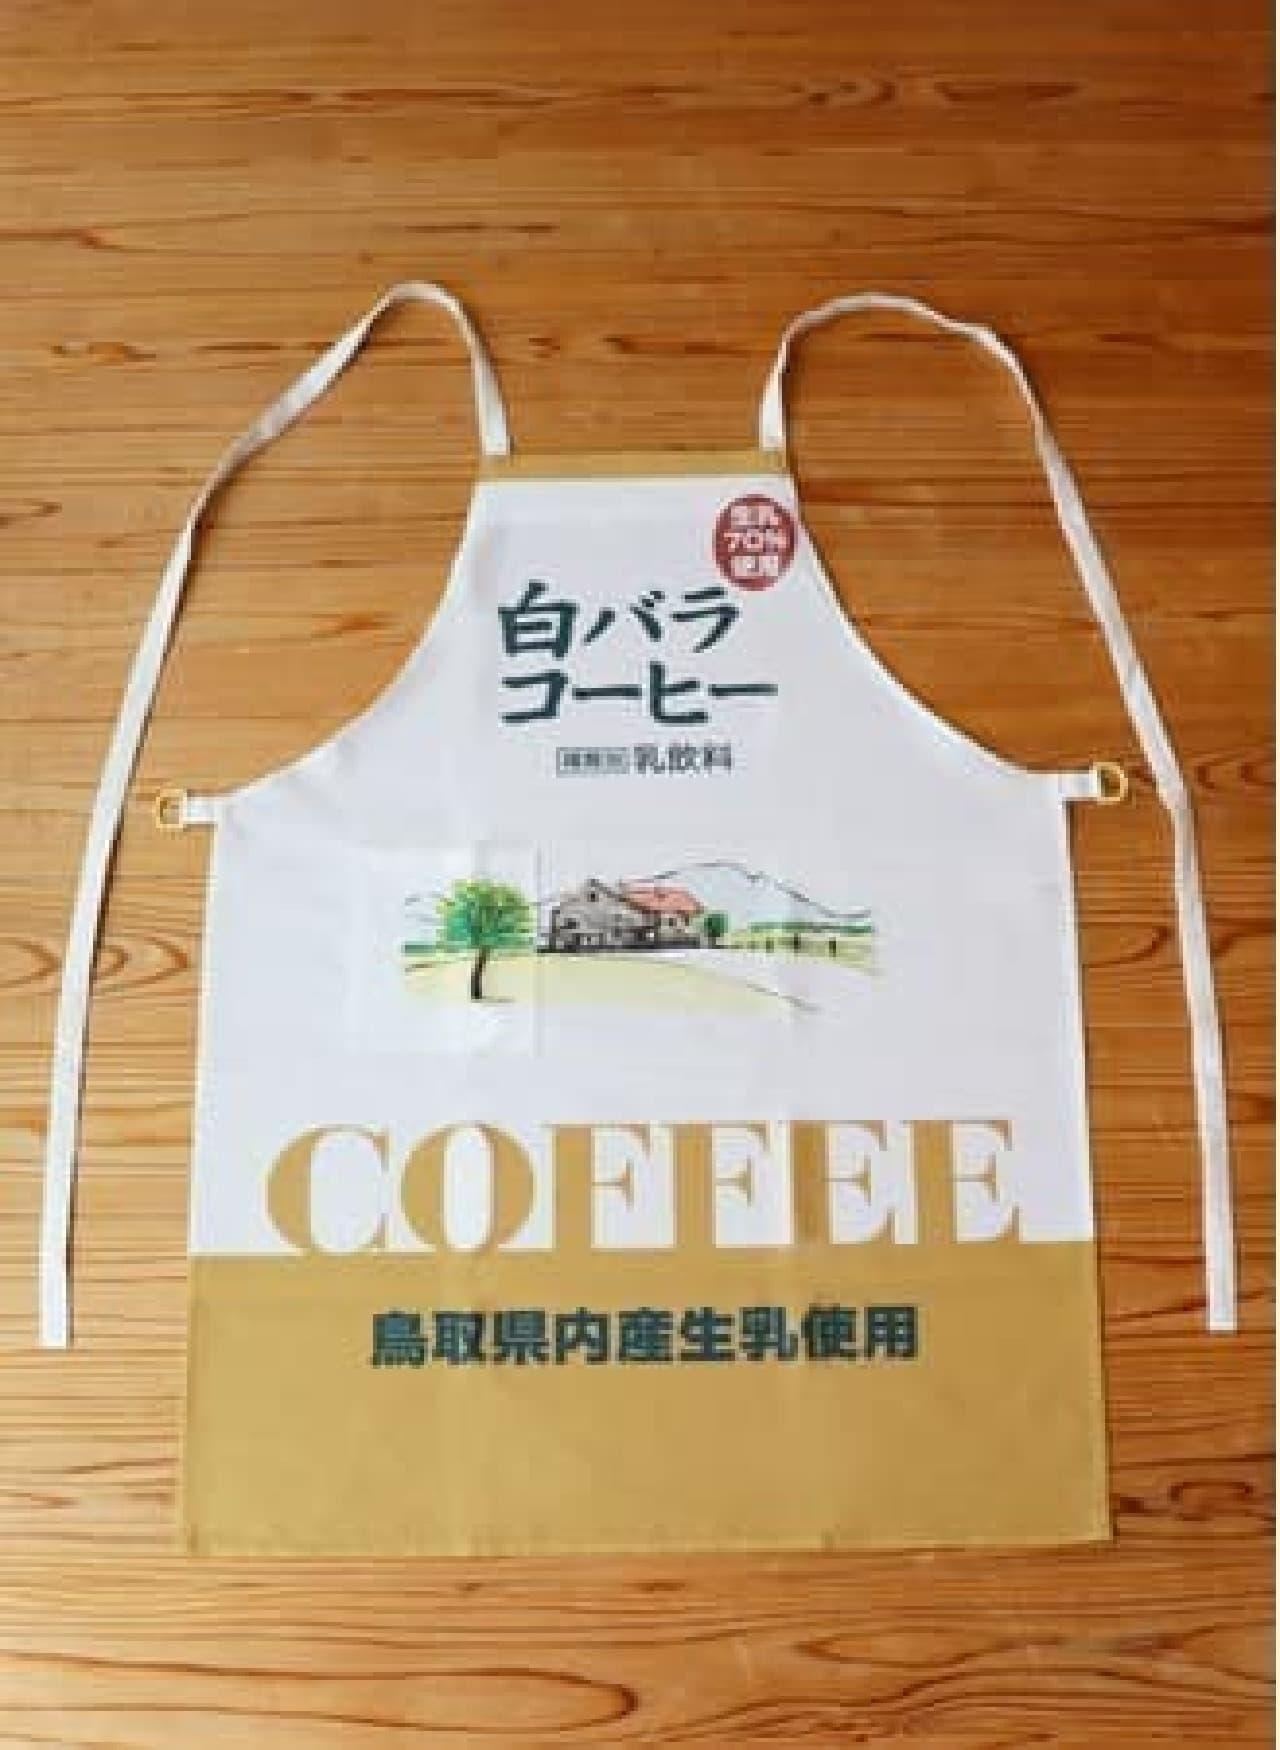 「白バラエプロン(コーヒーデザイン)」ヴィレヴァンに -- 白バラコーヒー柄の着心地良いエプロン